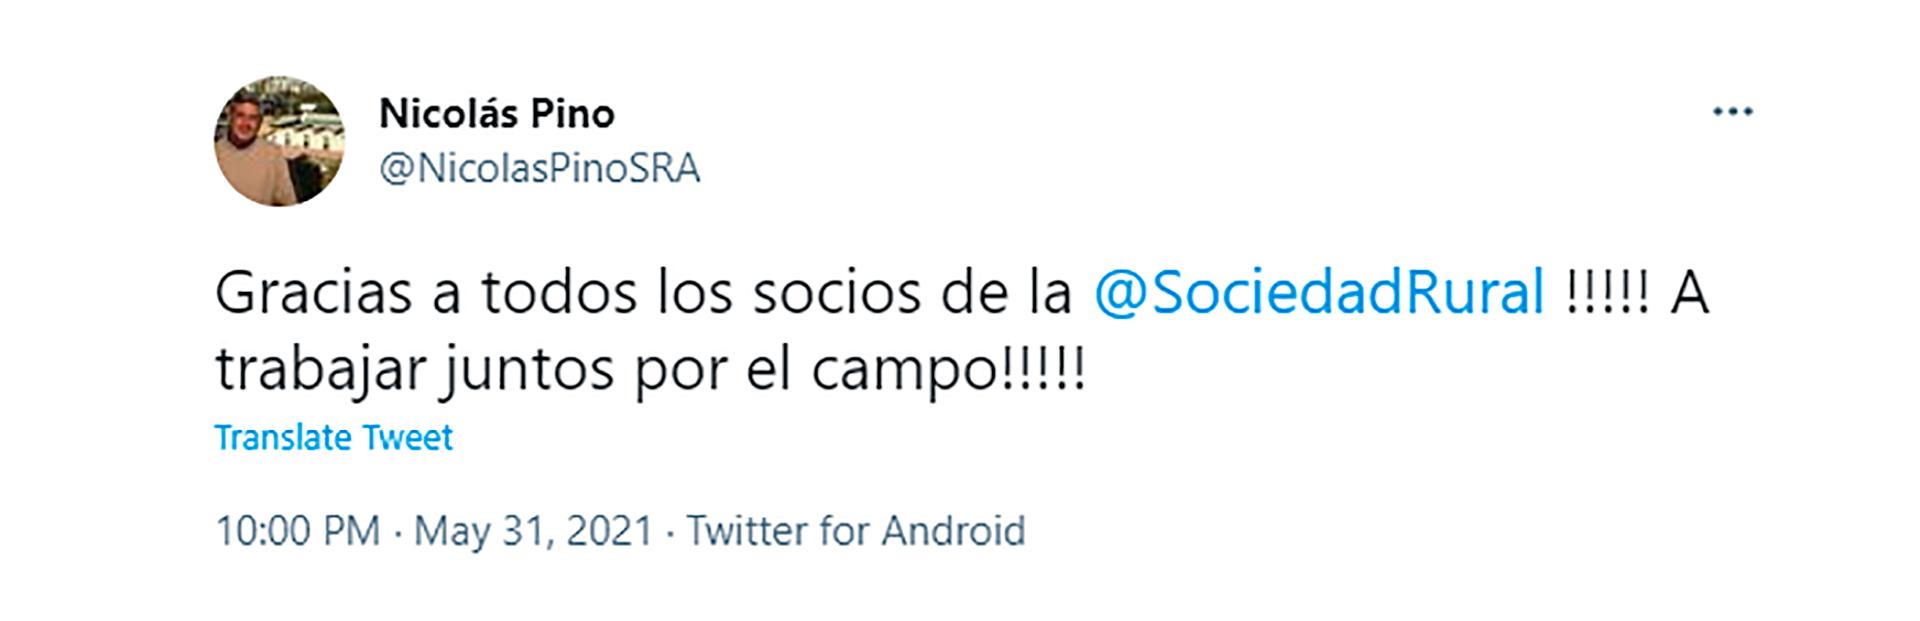 El primer mensaje de Nicolás Pino como presidente de la Rural, desde su cuenta de twitter.